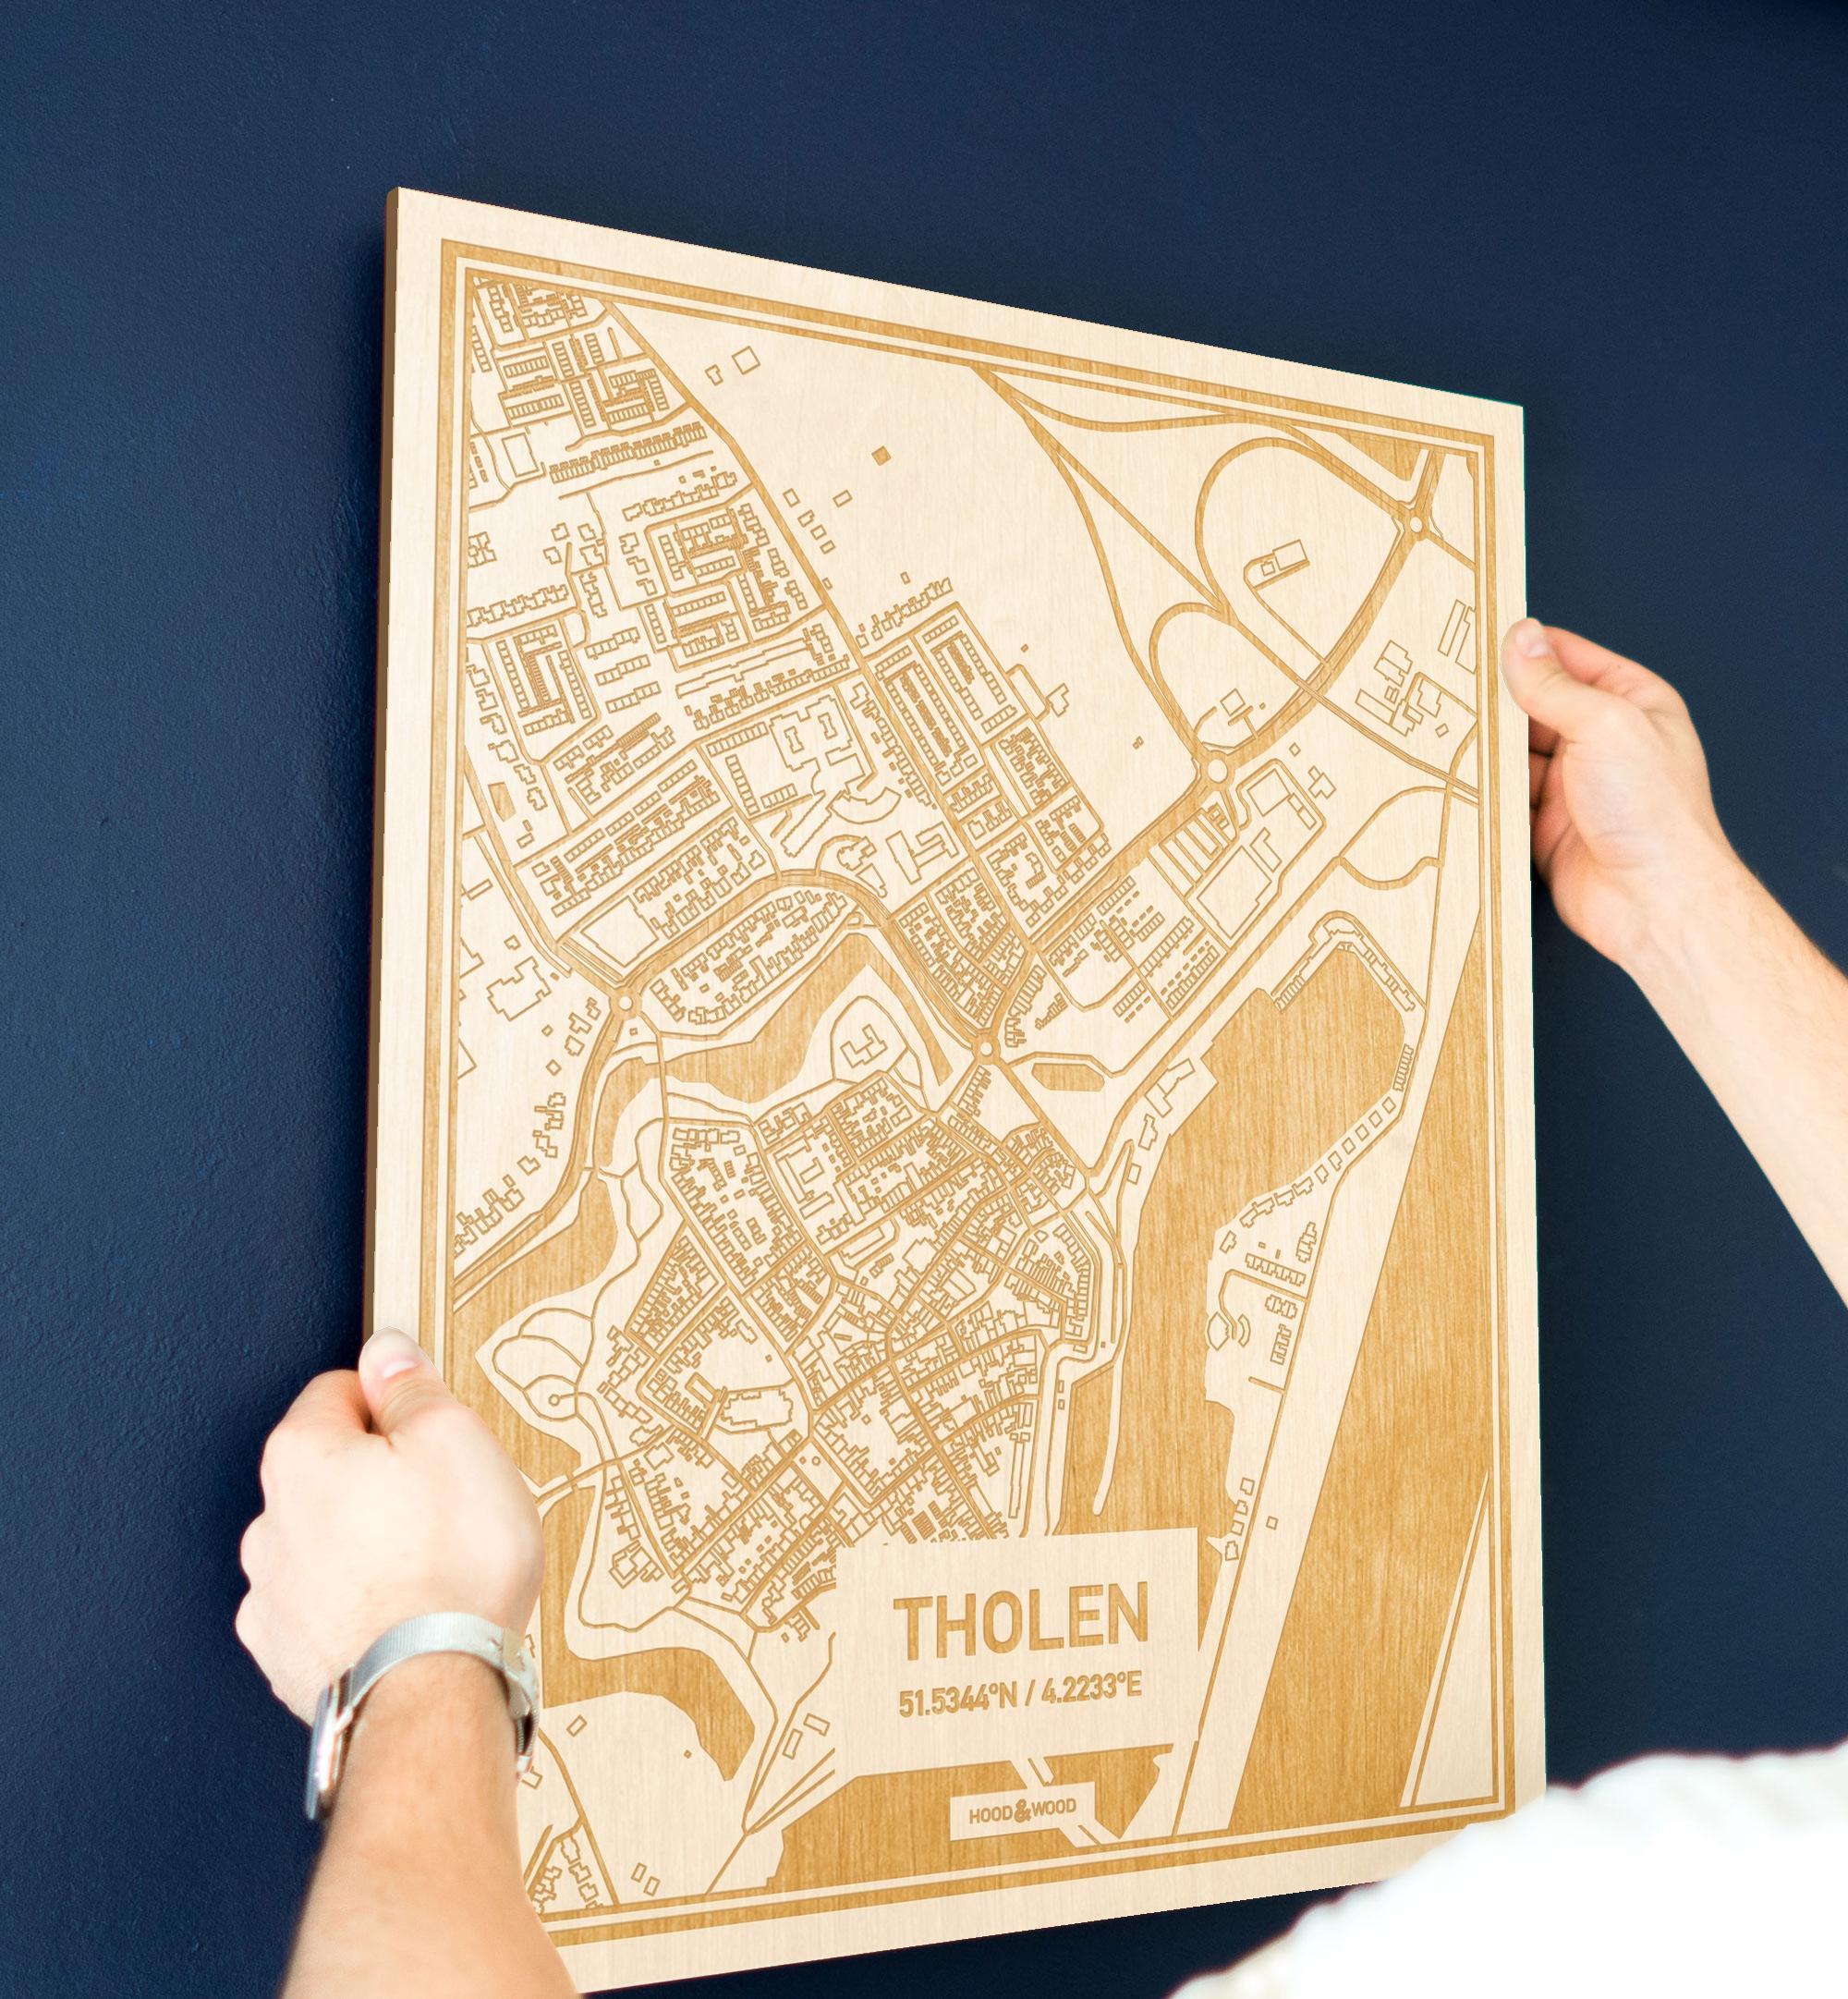 Een man hangt de houten plattegrond Tholen aan zijn blauwe muur ter decoratie. Je ziet alleen zijn handen de kaart van deze originele in Zeeland vasthouden.